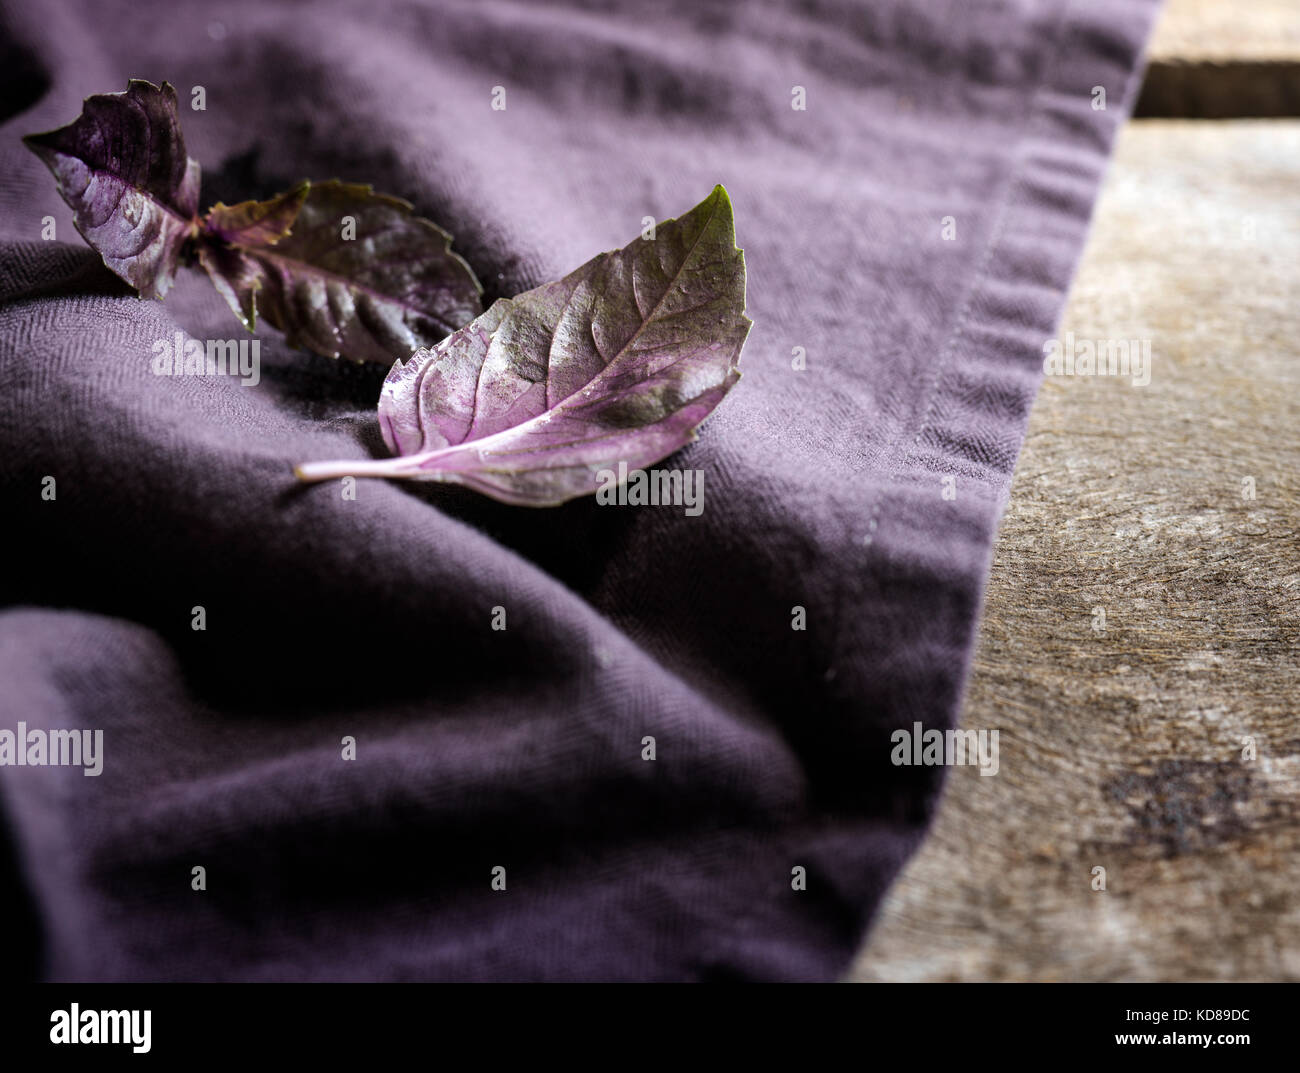 Detalle shot de hojas de albahaca morada en una ropa de color purpura y superficie de madera rústica. Foto de stock